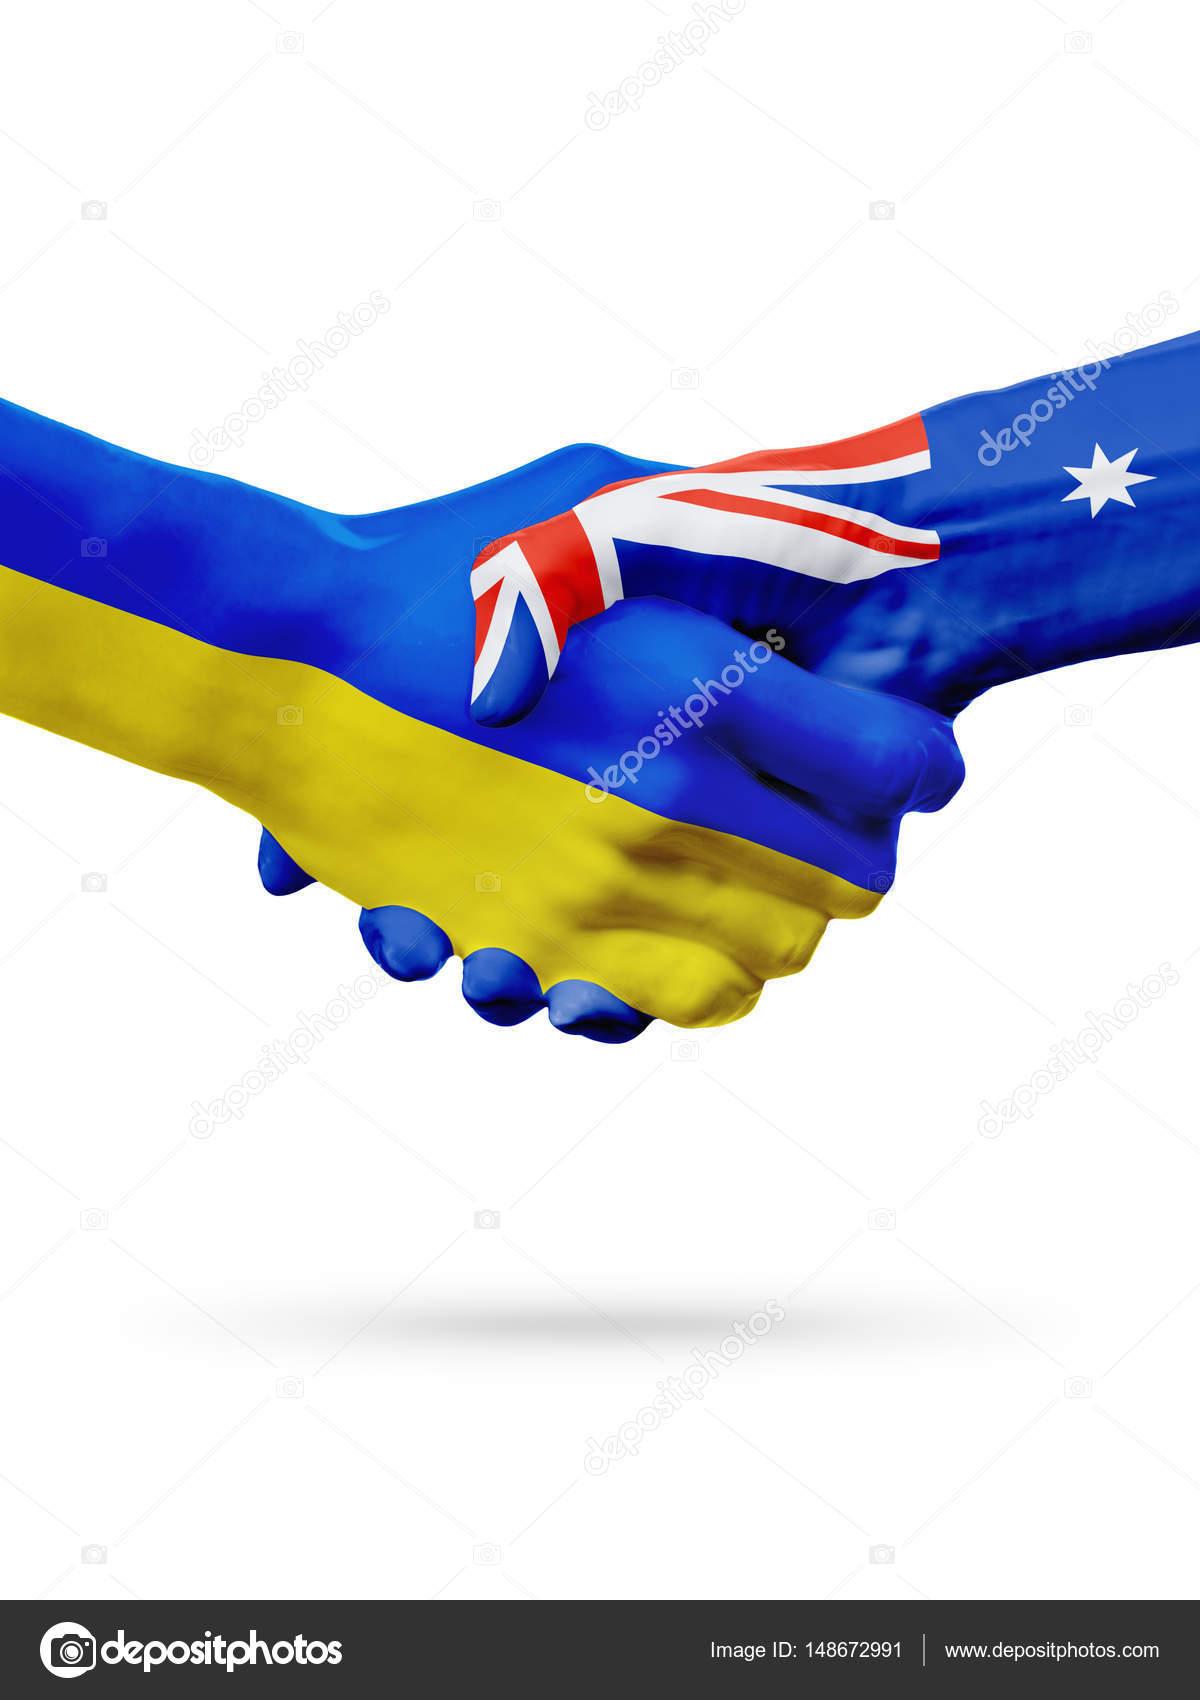 Invictus Games-2018 стартуют в Сиднее: украинская община встретила национальную сборную - Цензор.НЕТ 9185